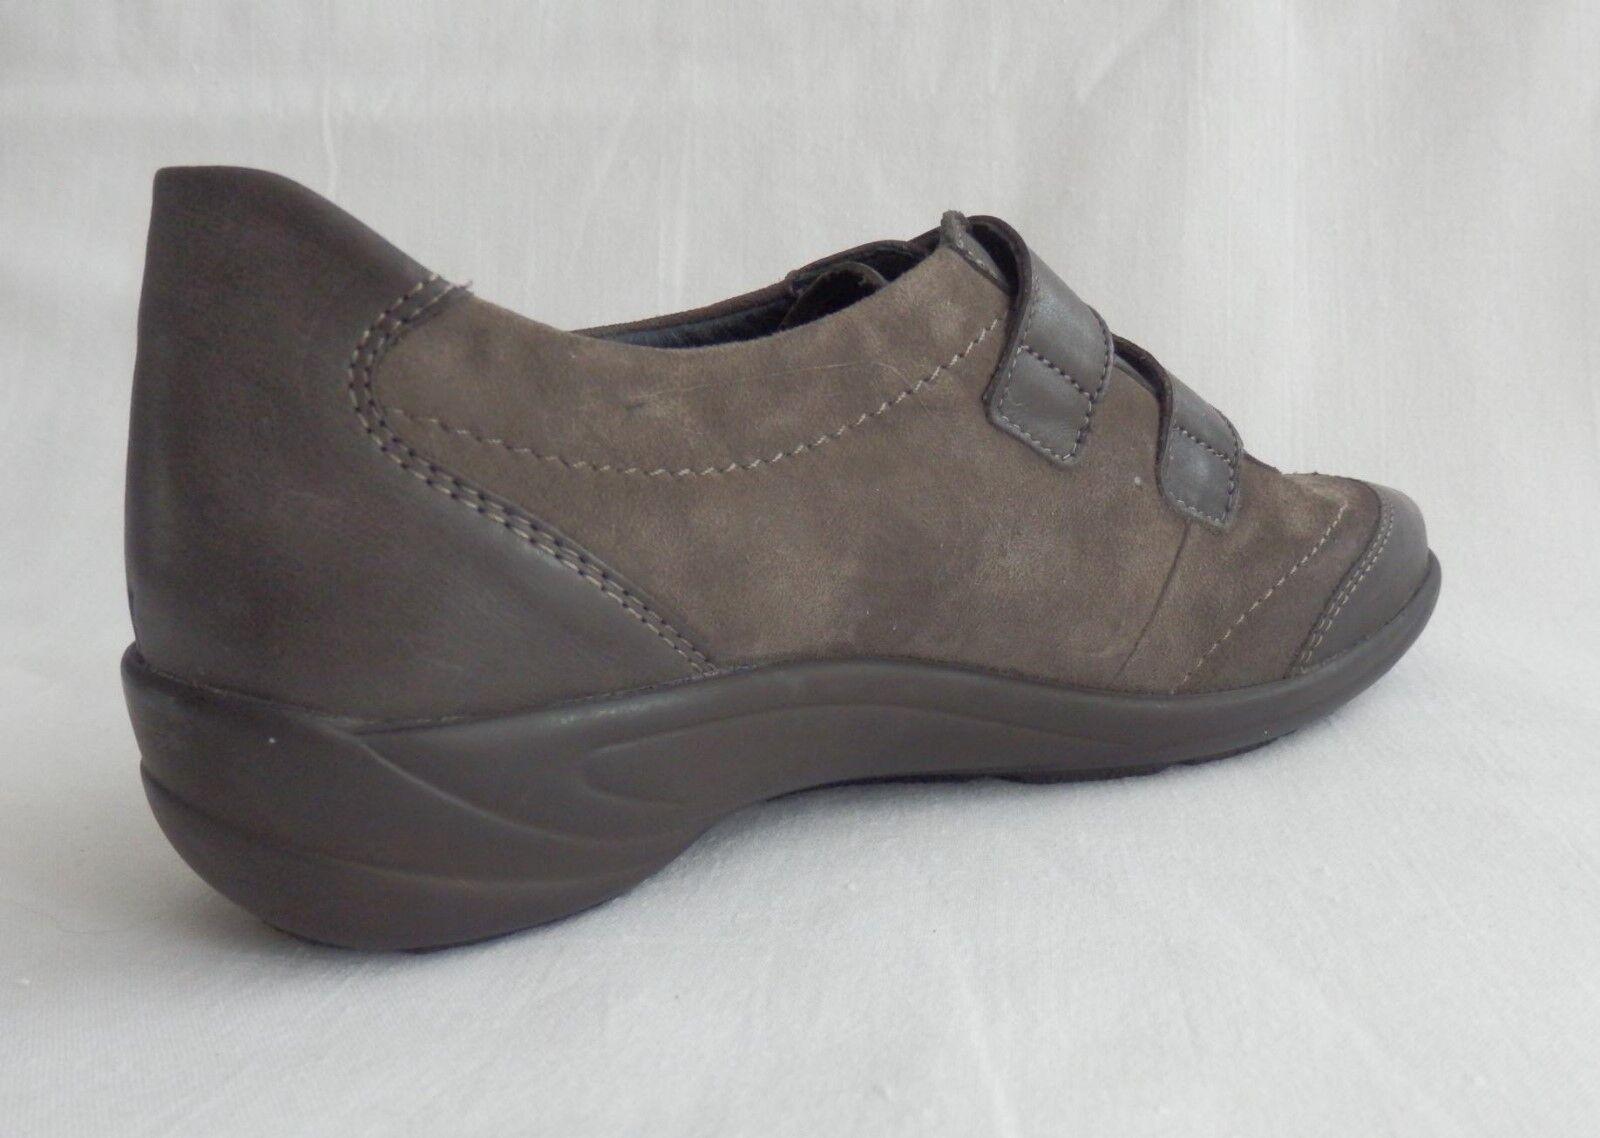 Semler Slipper Scarpe Velcro Velcro Scarpe Pelle 37 Fango Tg 37 Pelle (4), 37,5 (4   8af29f